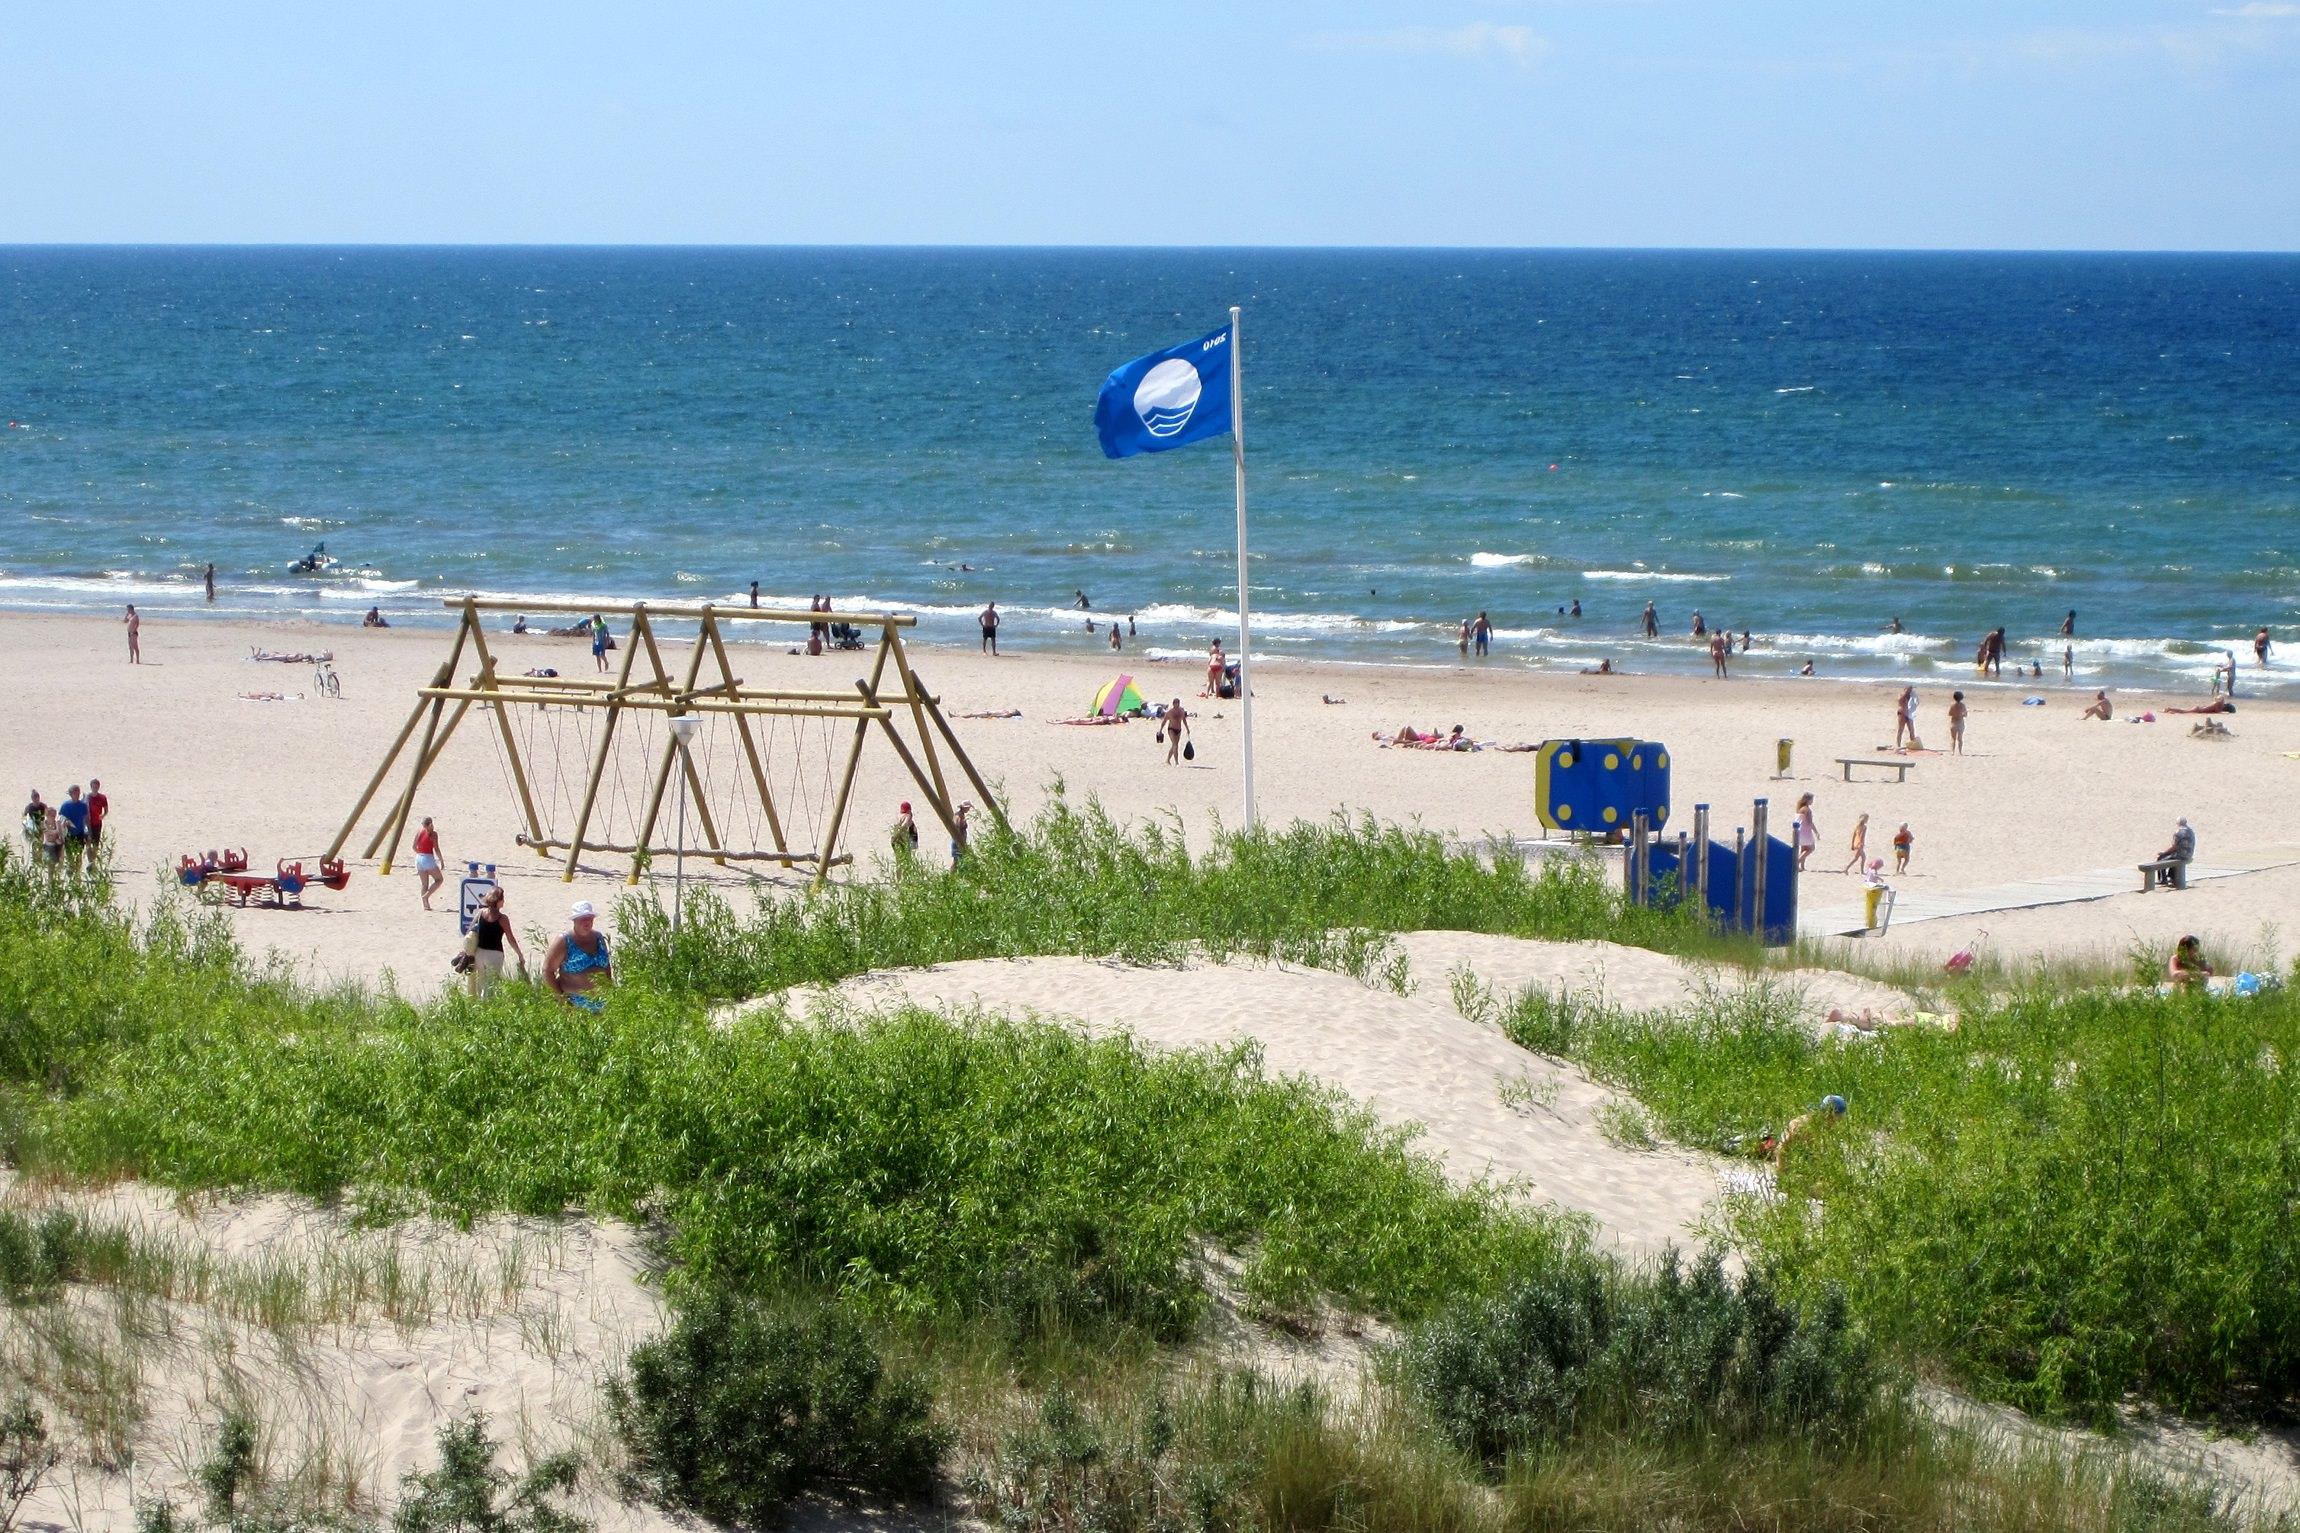 Ventspils, Pludmale, zilā karoga pludmale, kurzeme, Latvija, ekskursija, pie jūras